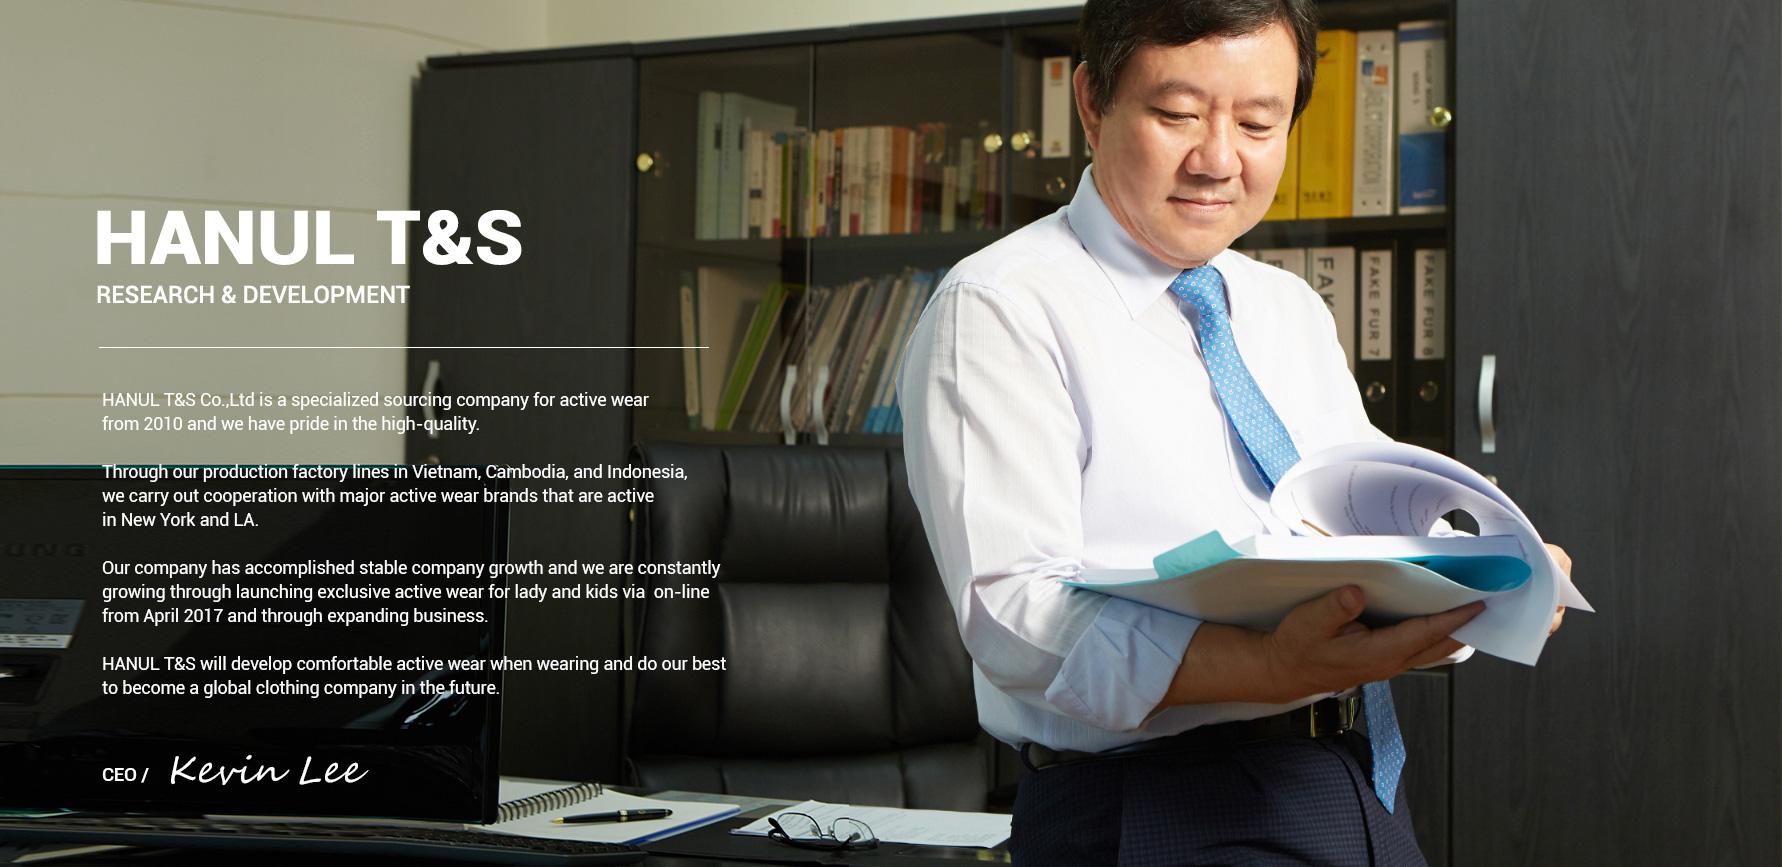 CEO's Message – HANUL T&S